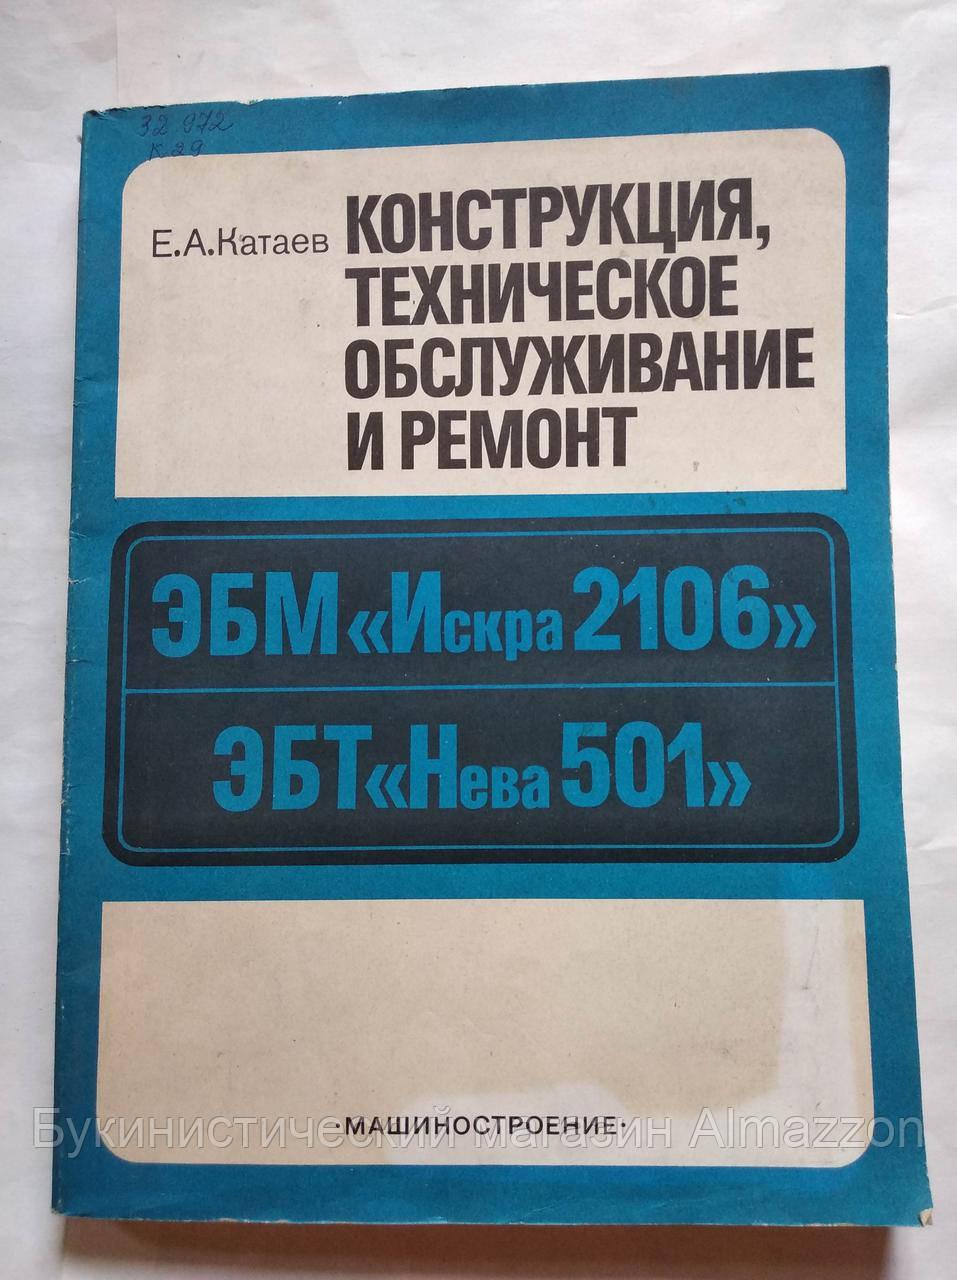 Е. Катаєв Конструкція, технічне обслуговування і ремонт ЭБМ «Іскра 2106», ЕПТ «Нева 501»